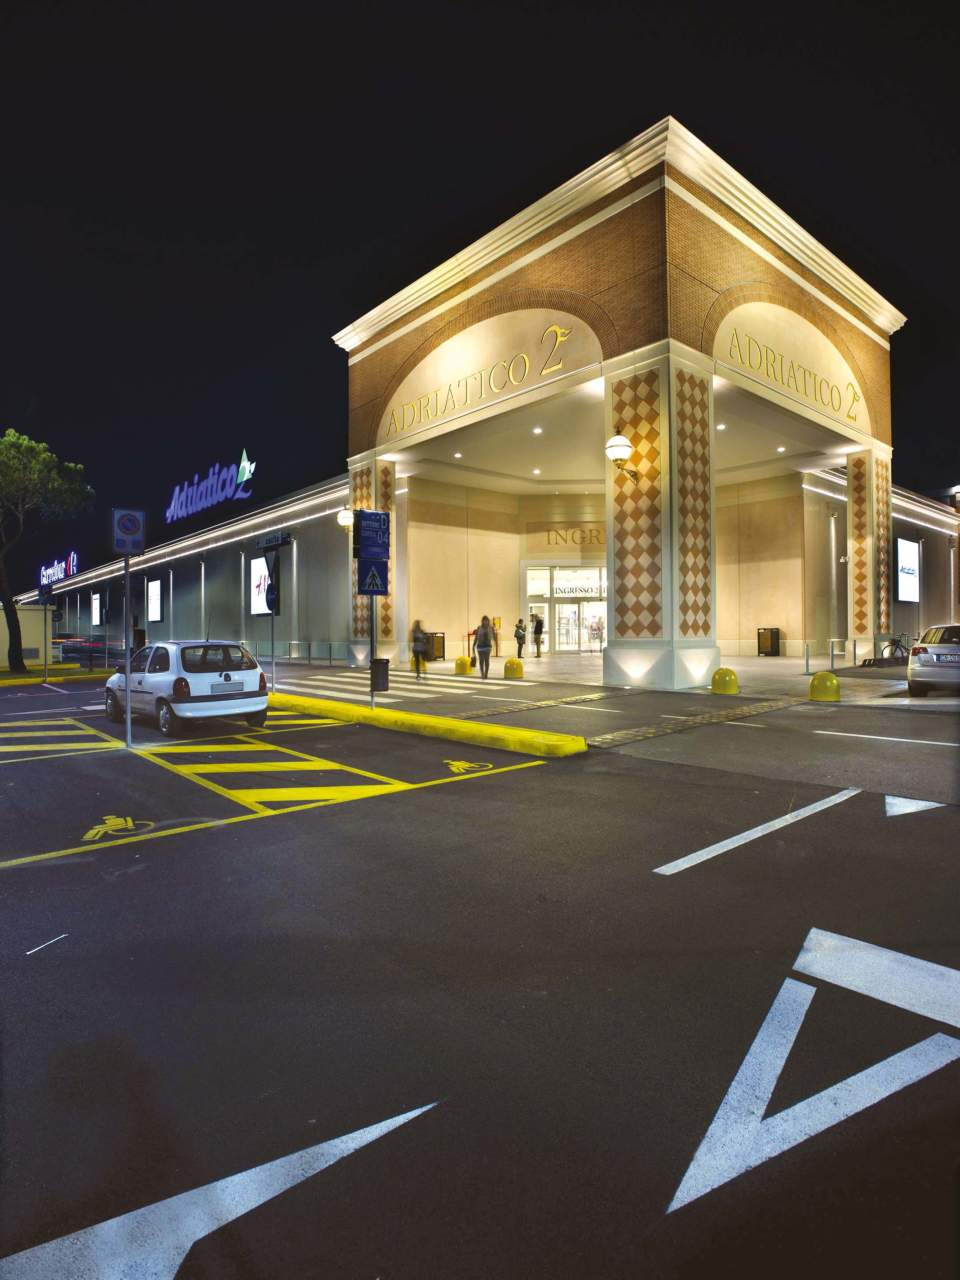 ANPEL per il Centro Commerciale Adriatico2 di Portogruaro